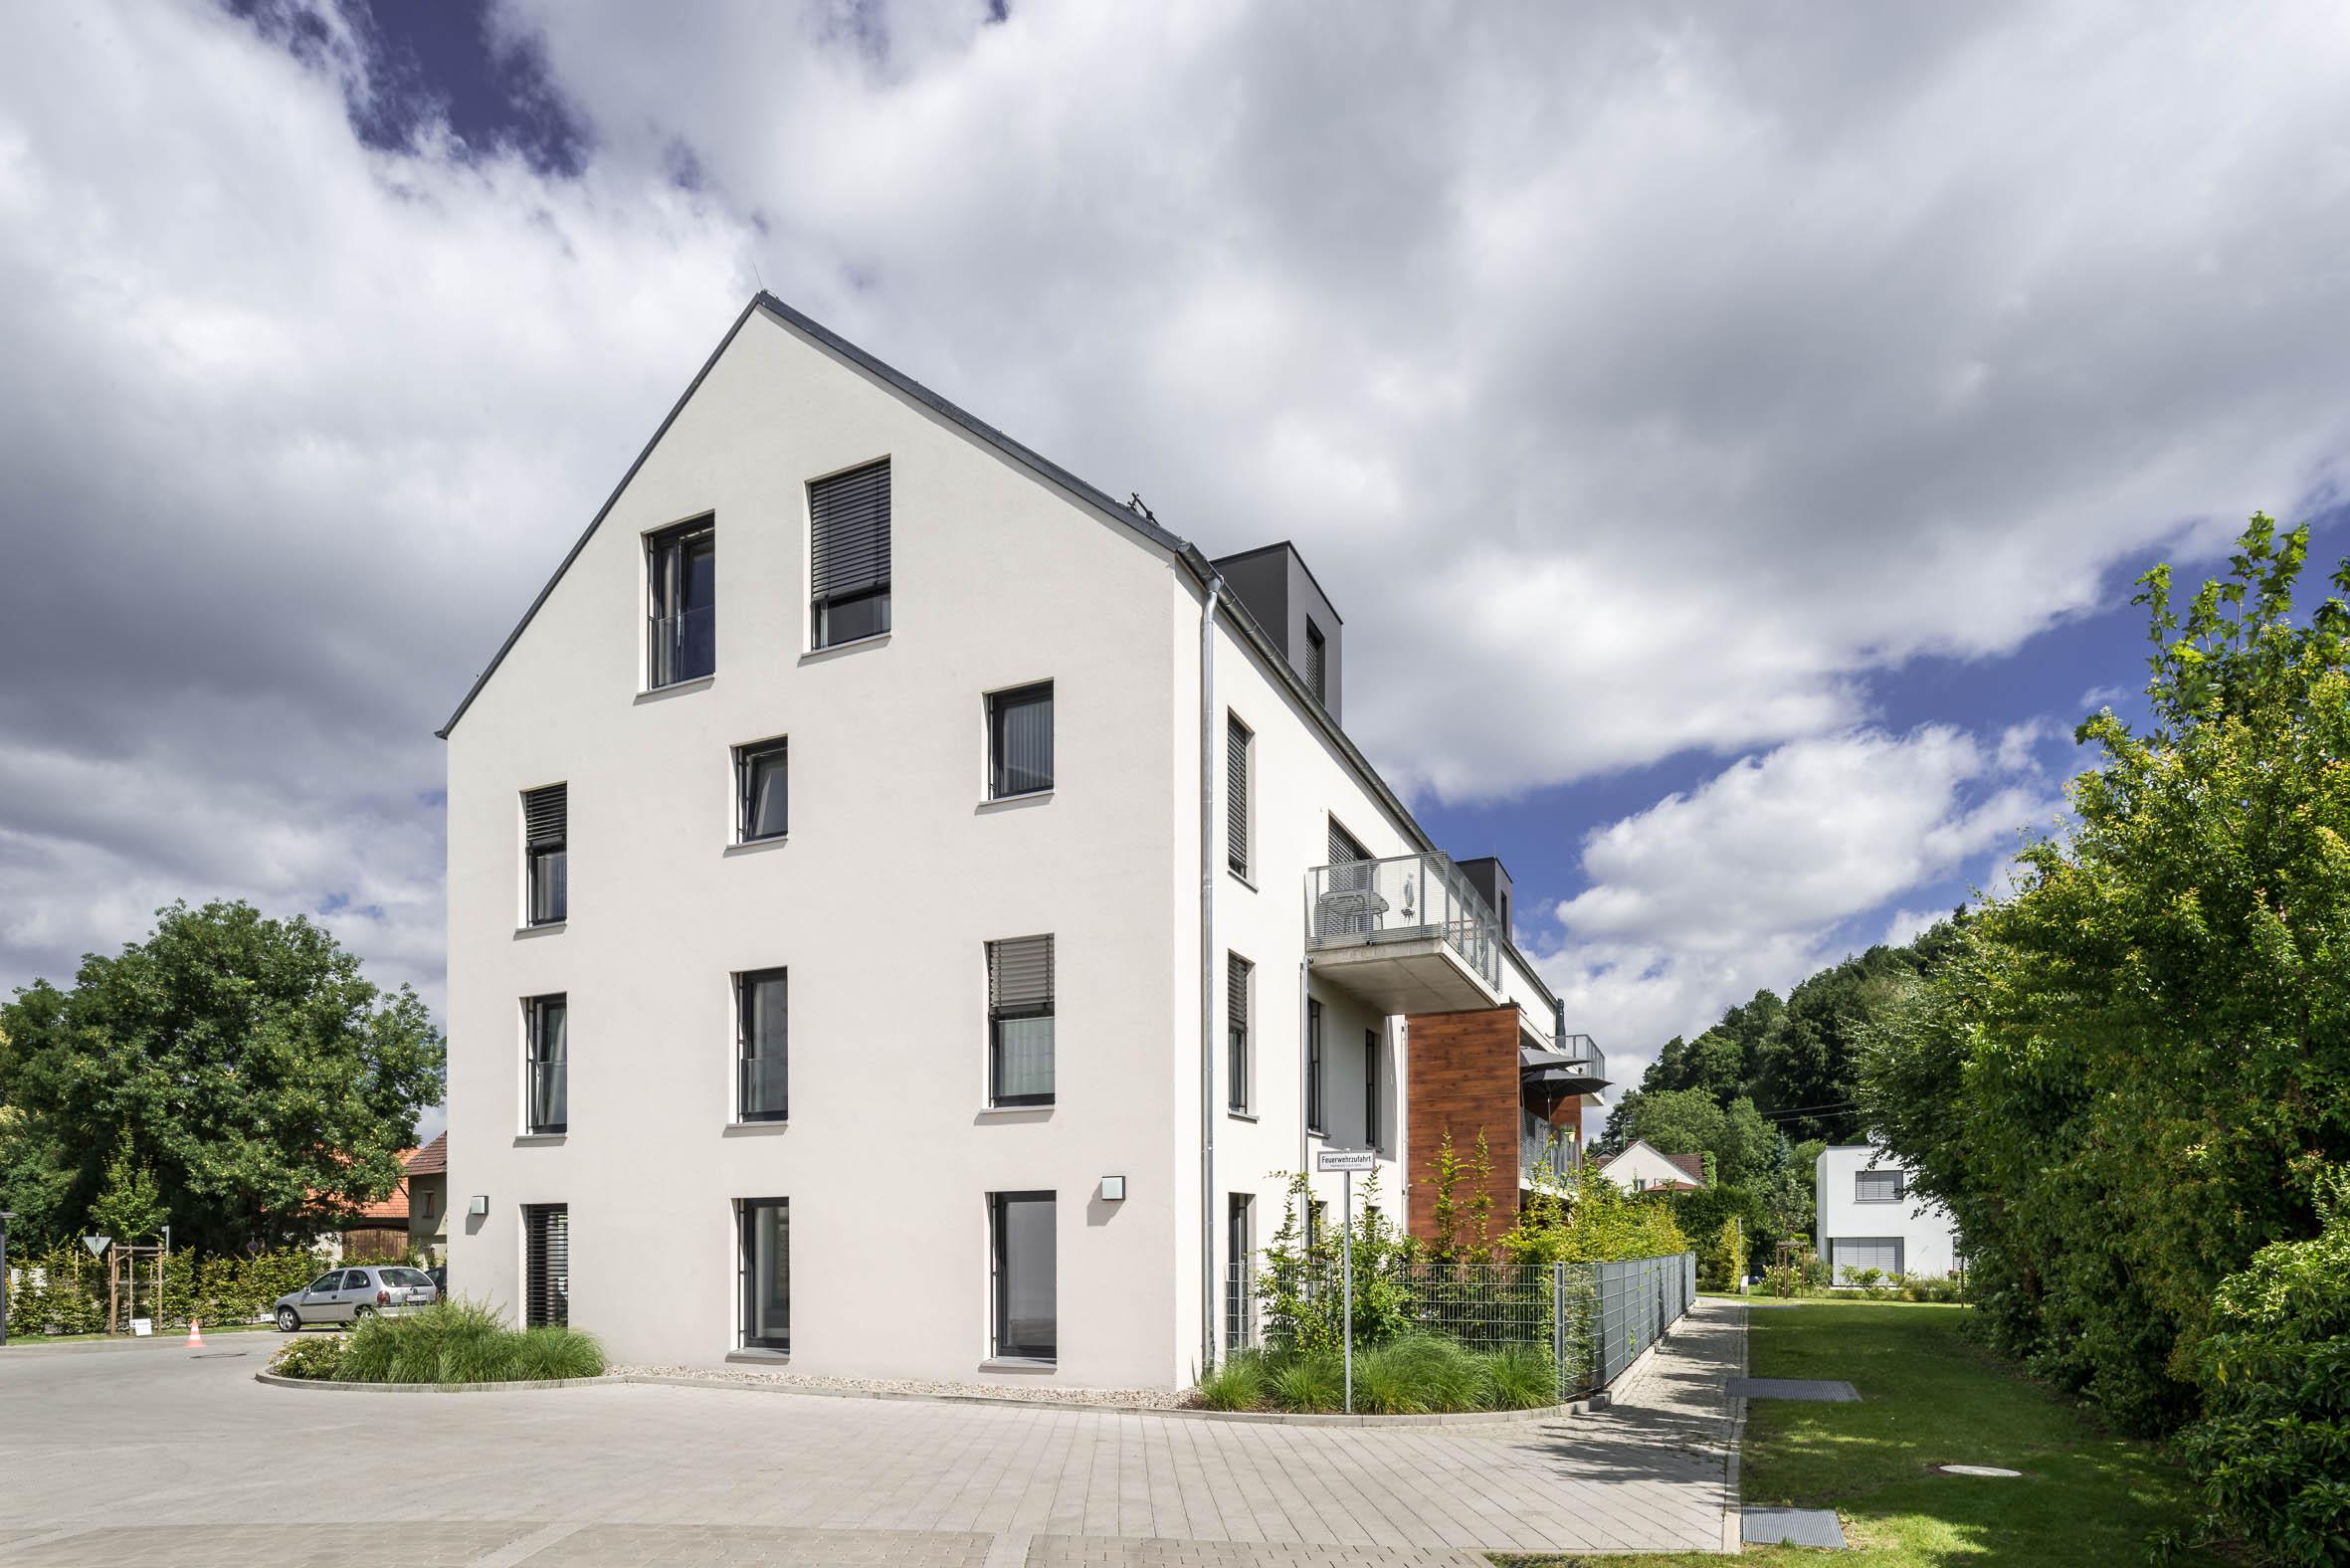 bellenberg-wohnanlage-neue-ortsmitte-low-6720